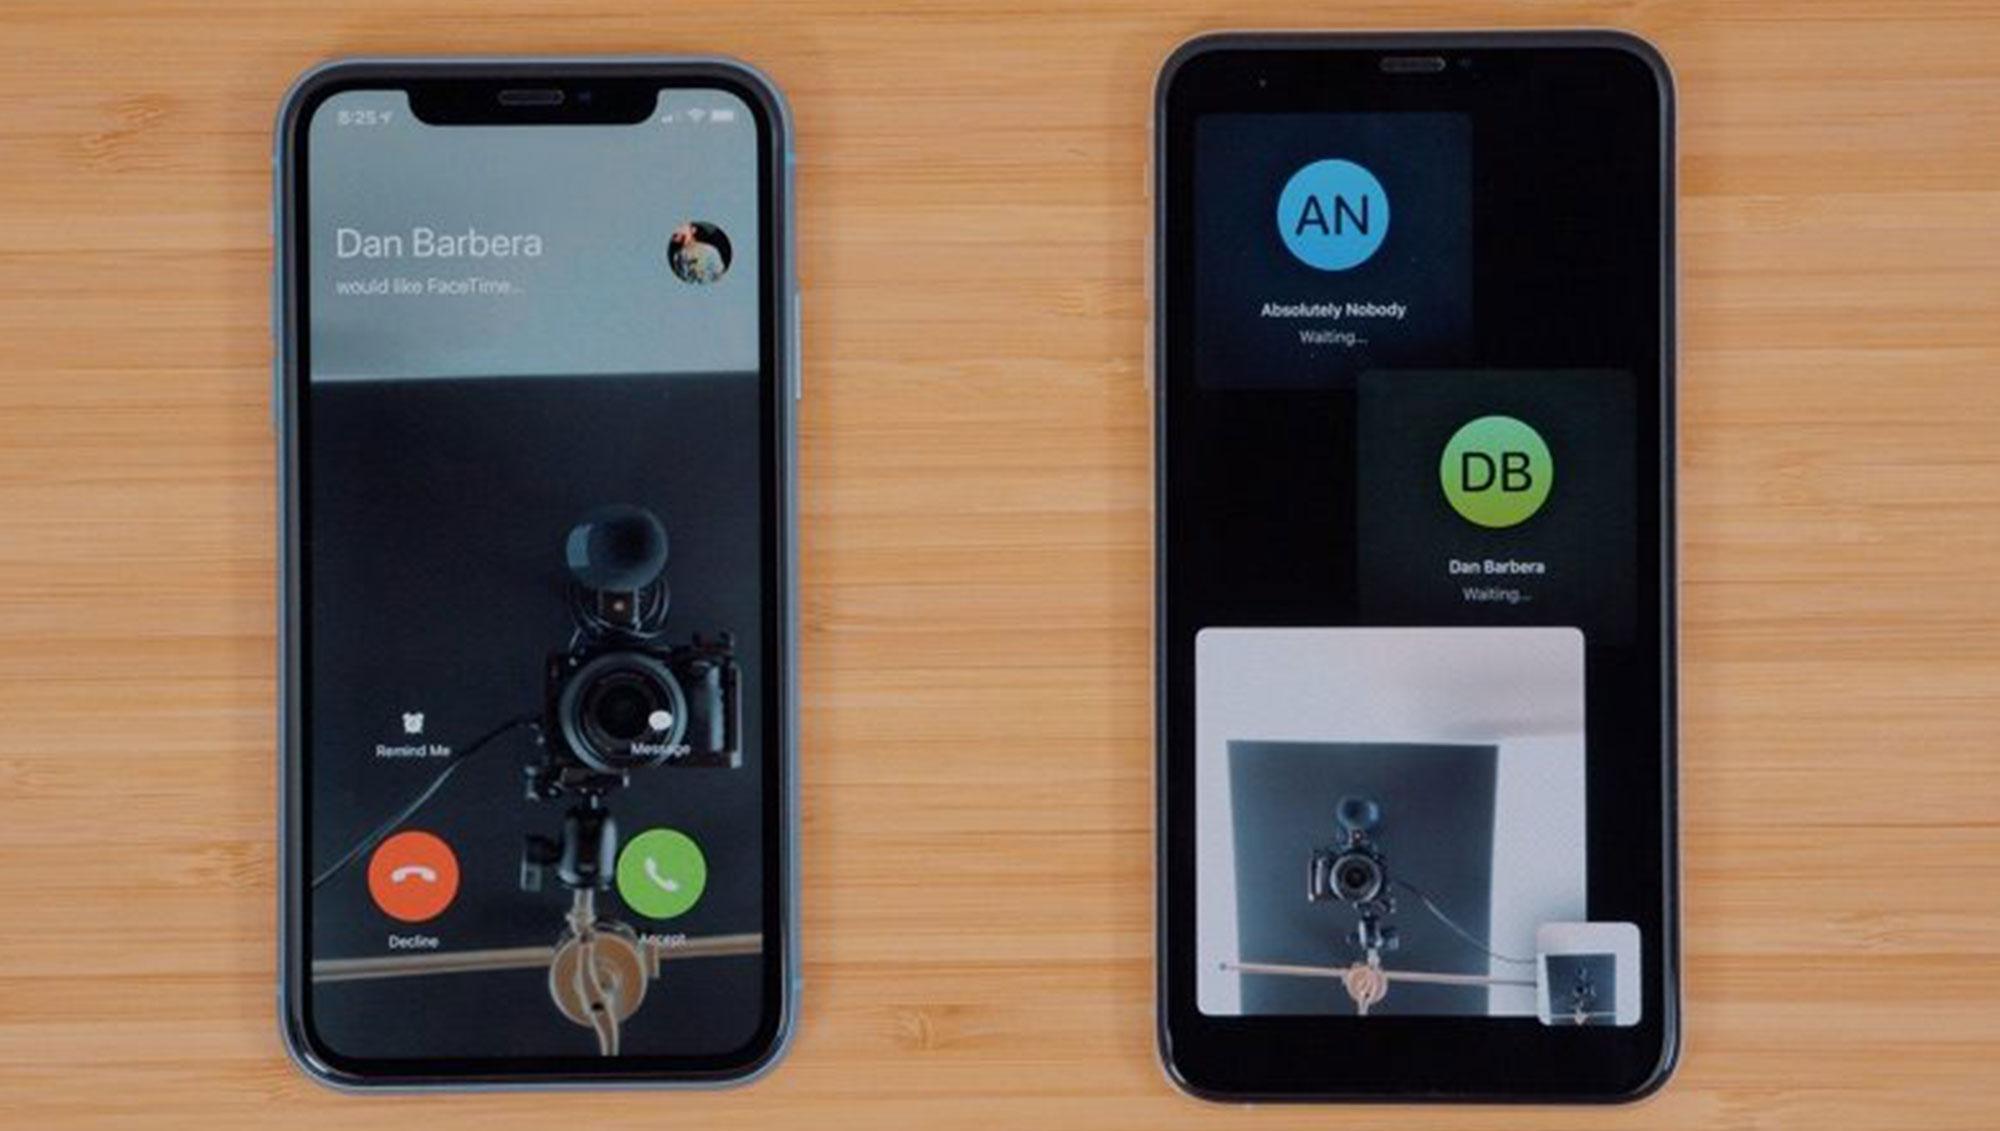 修复FaceTime缺陷 iOS 12.1.4 即将发布